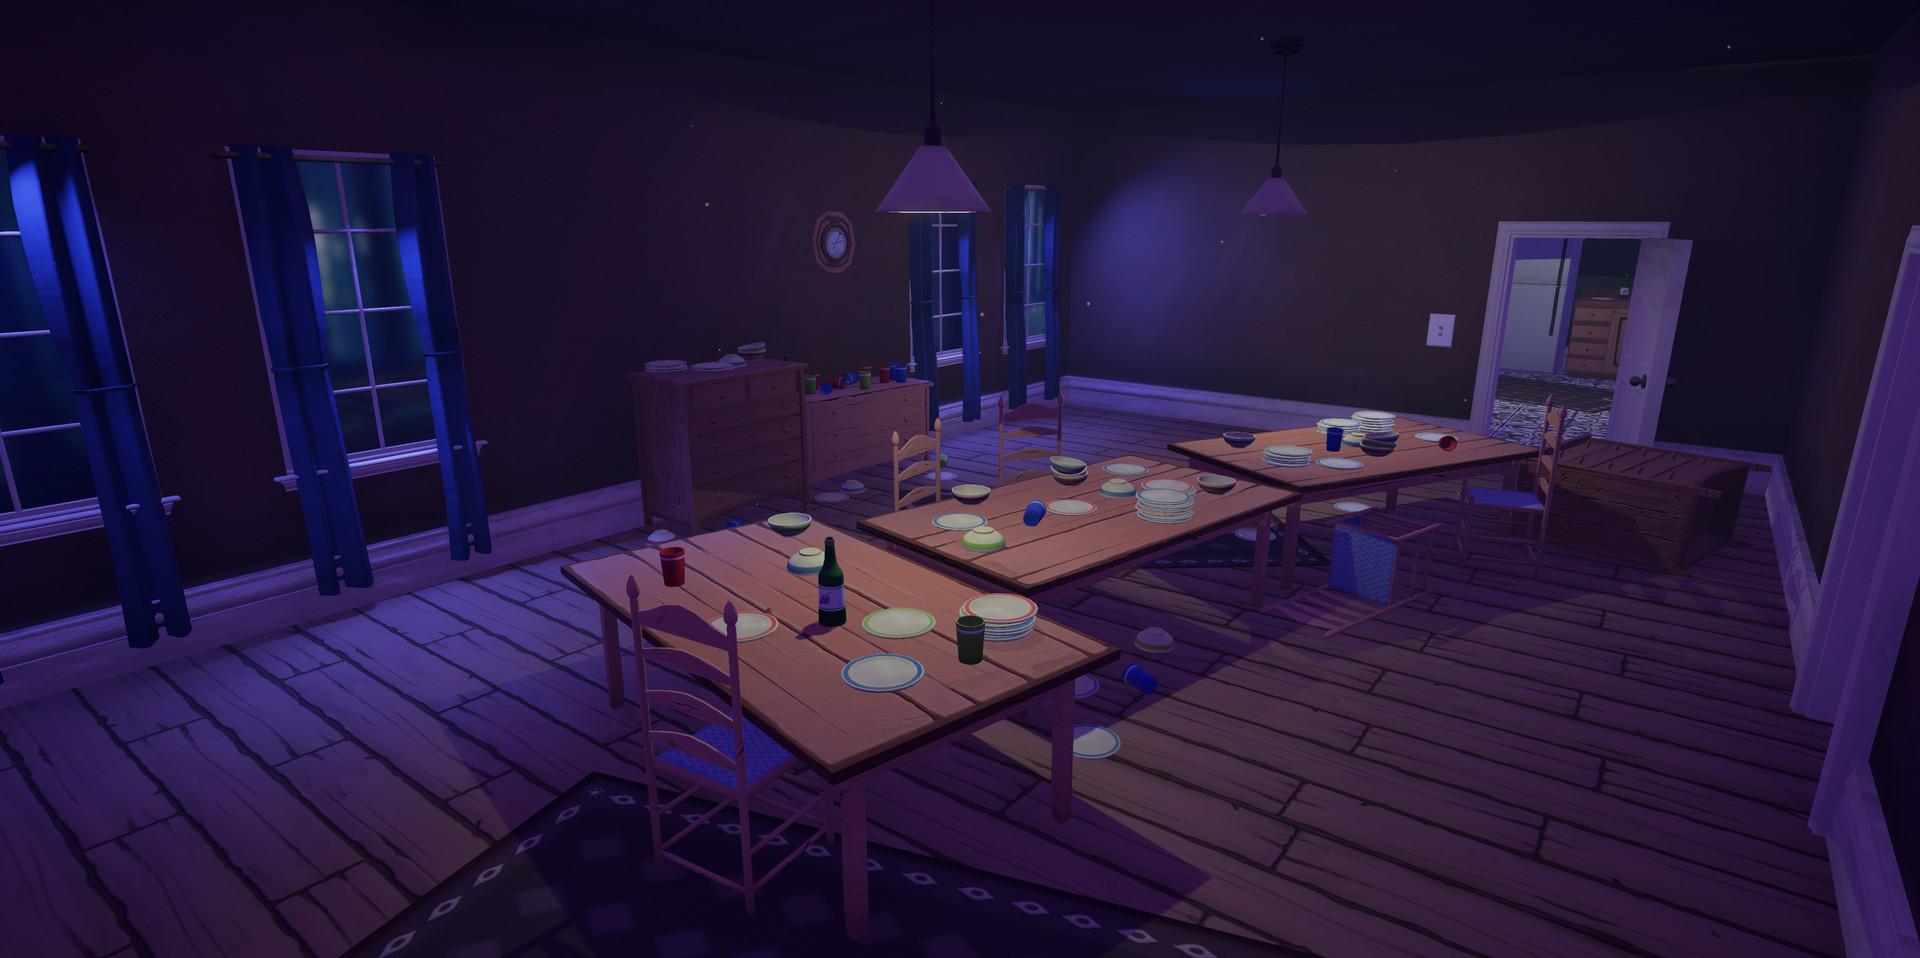 Ben kalicky diningroom